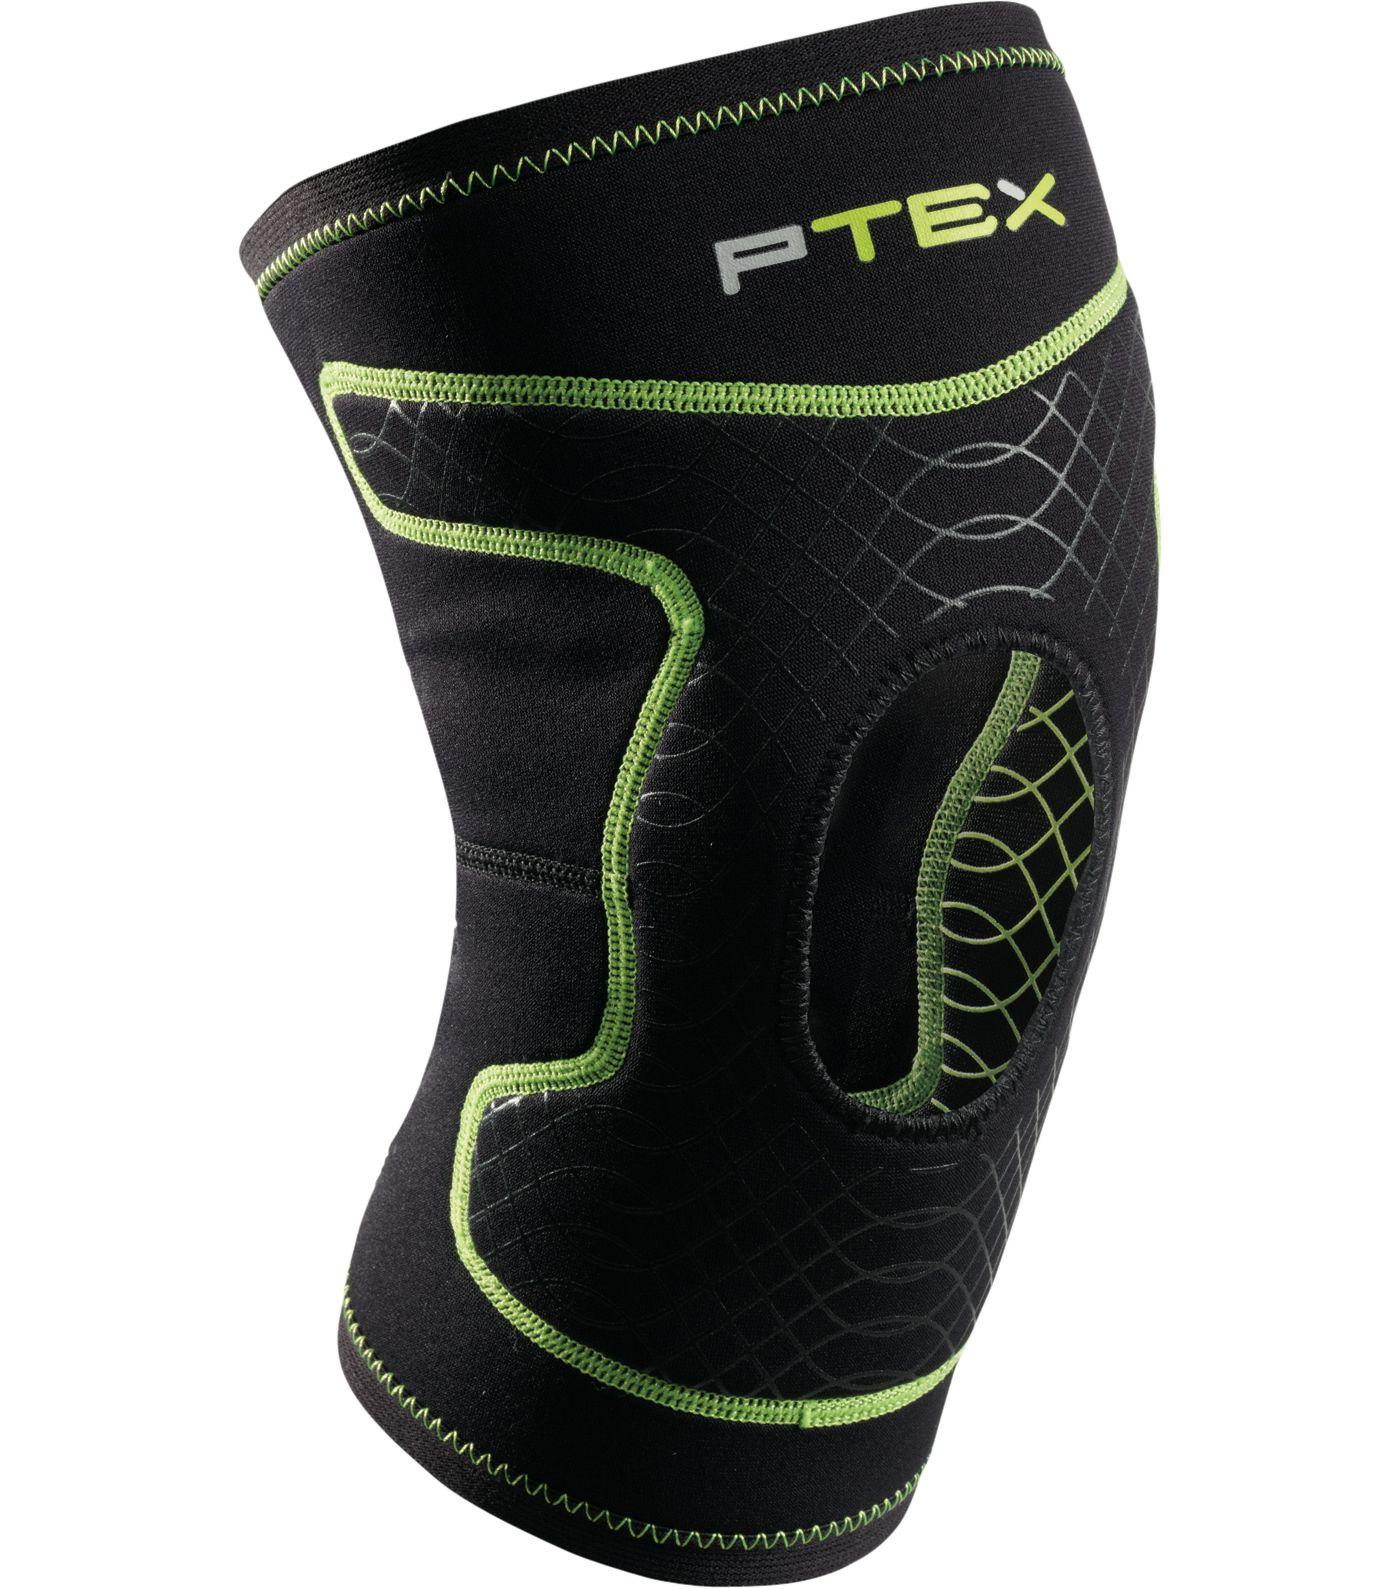 P-TEX Open Patella Kinetic Knee Sleeve